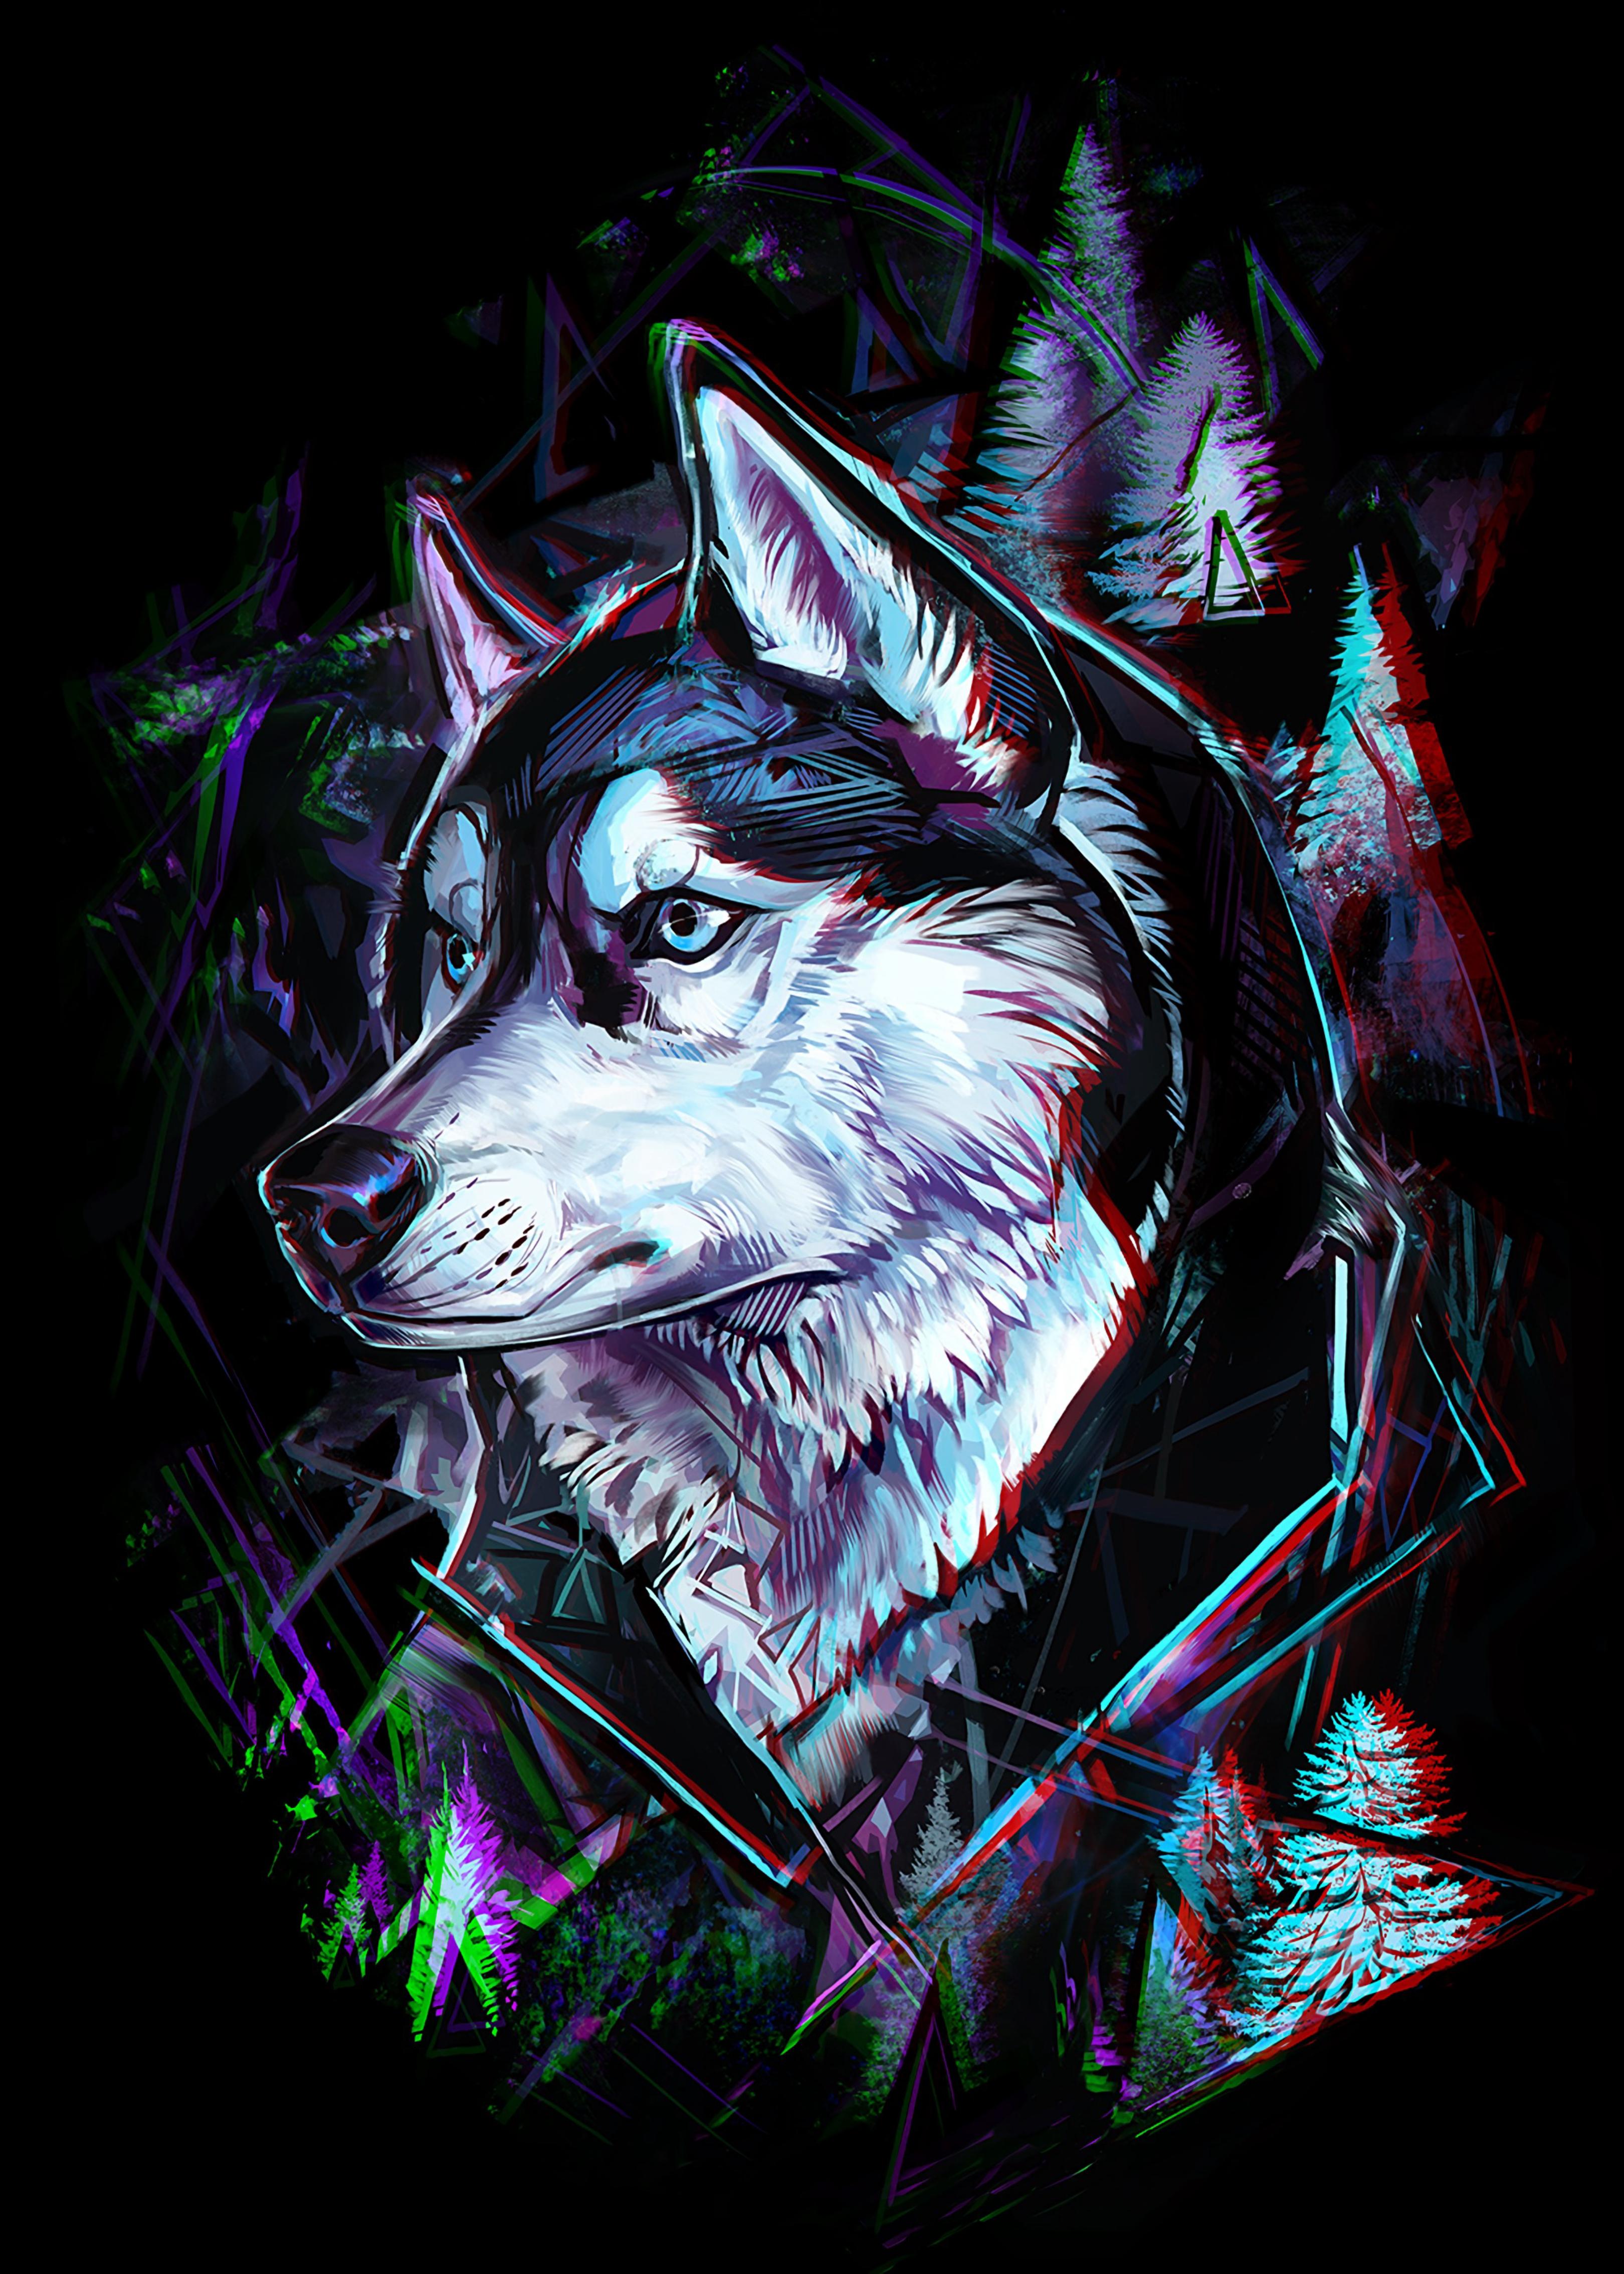 123417 Hintergrundbild herunterladen Bäume, Kunst, Linien, Wolf, Kopf, Panne, Glitch - Bildschirmschoner und Bilder kostenlos